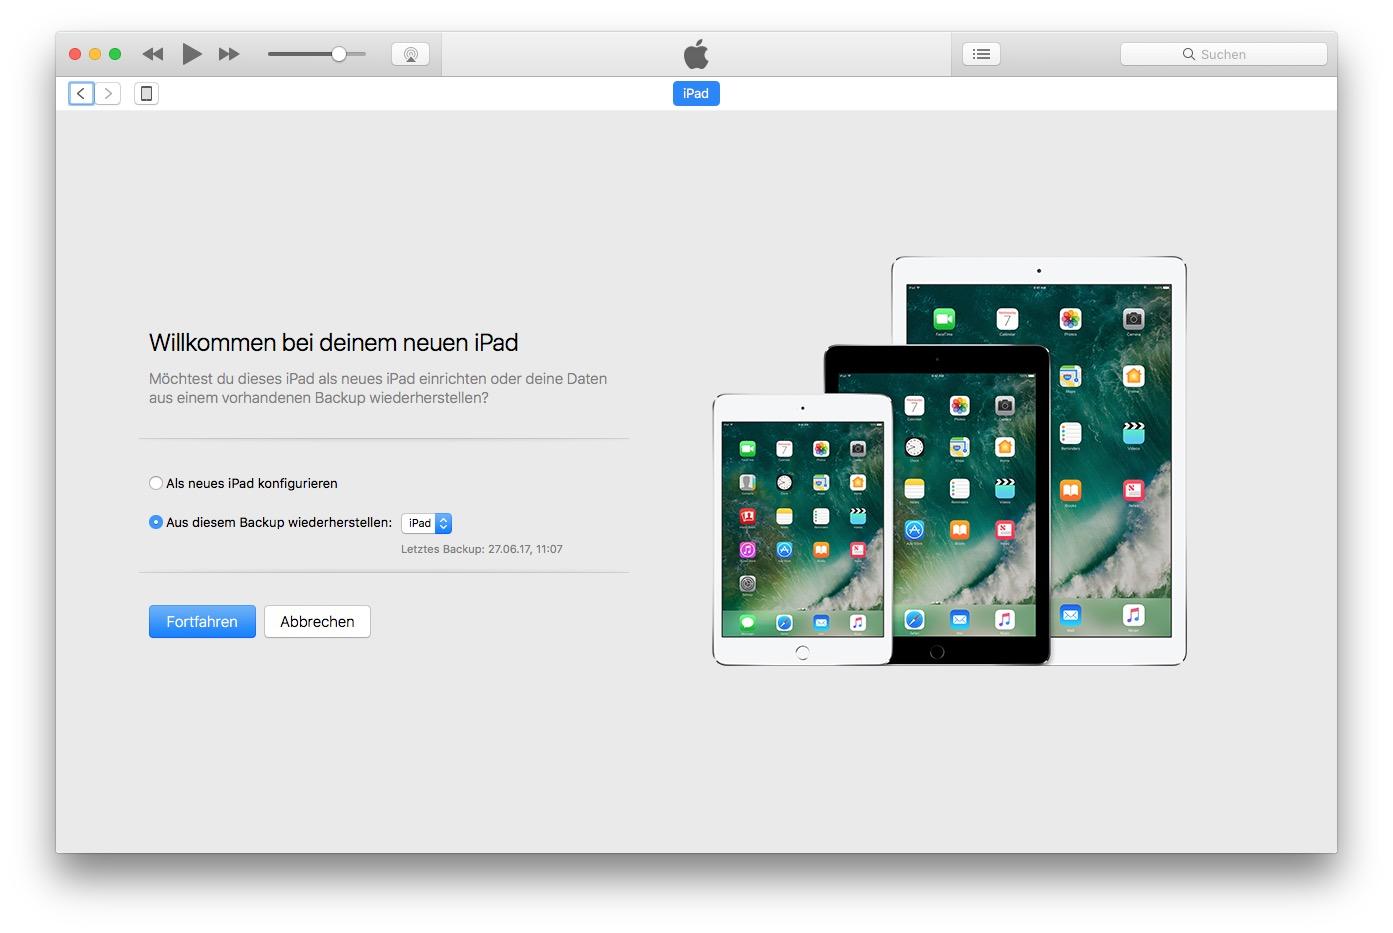 Ihr könnt das lokale Backup von Eurem Mac/PC direkt wieder per iTunes einspielen. Sofern Ihr eins habt.